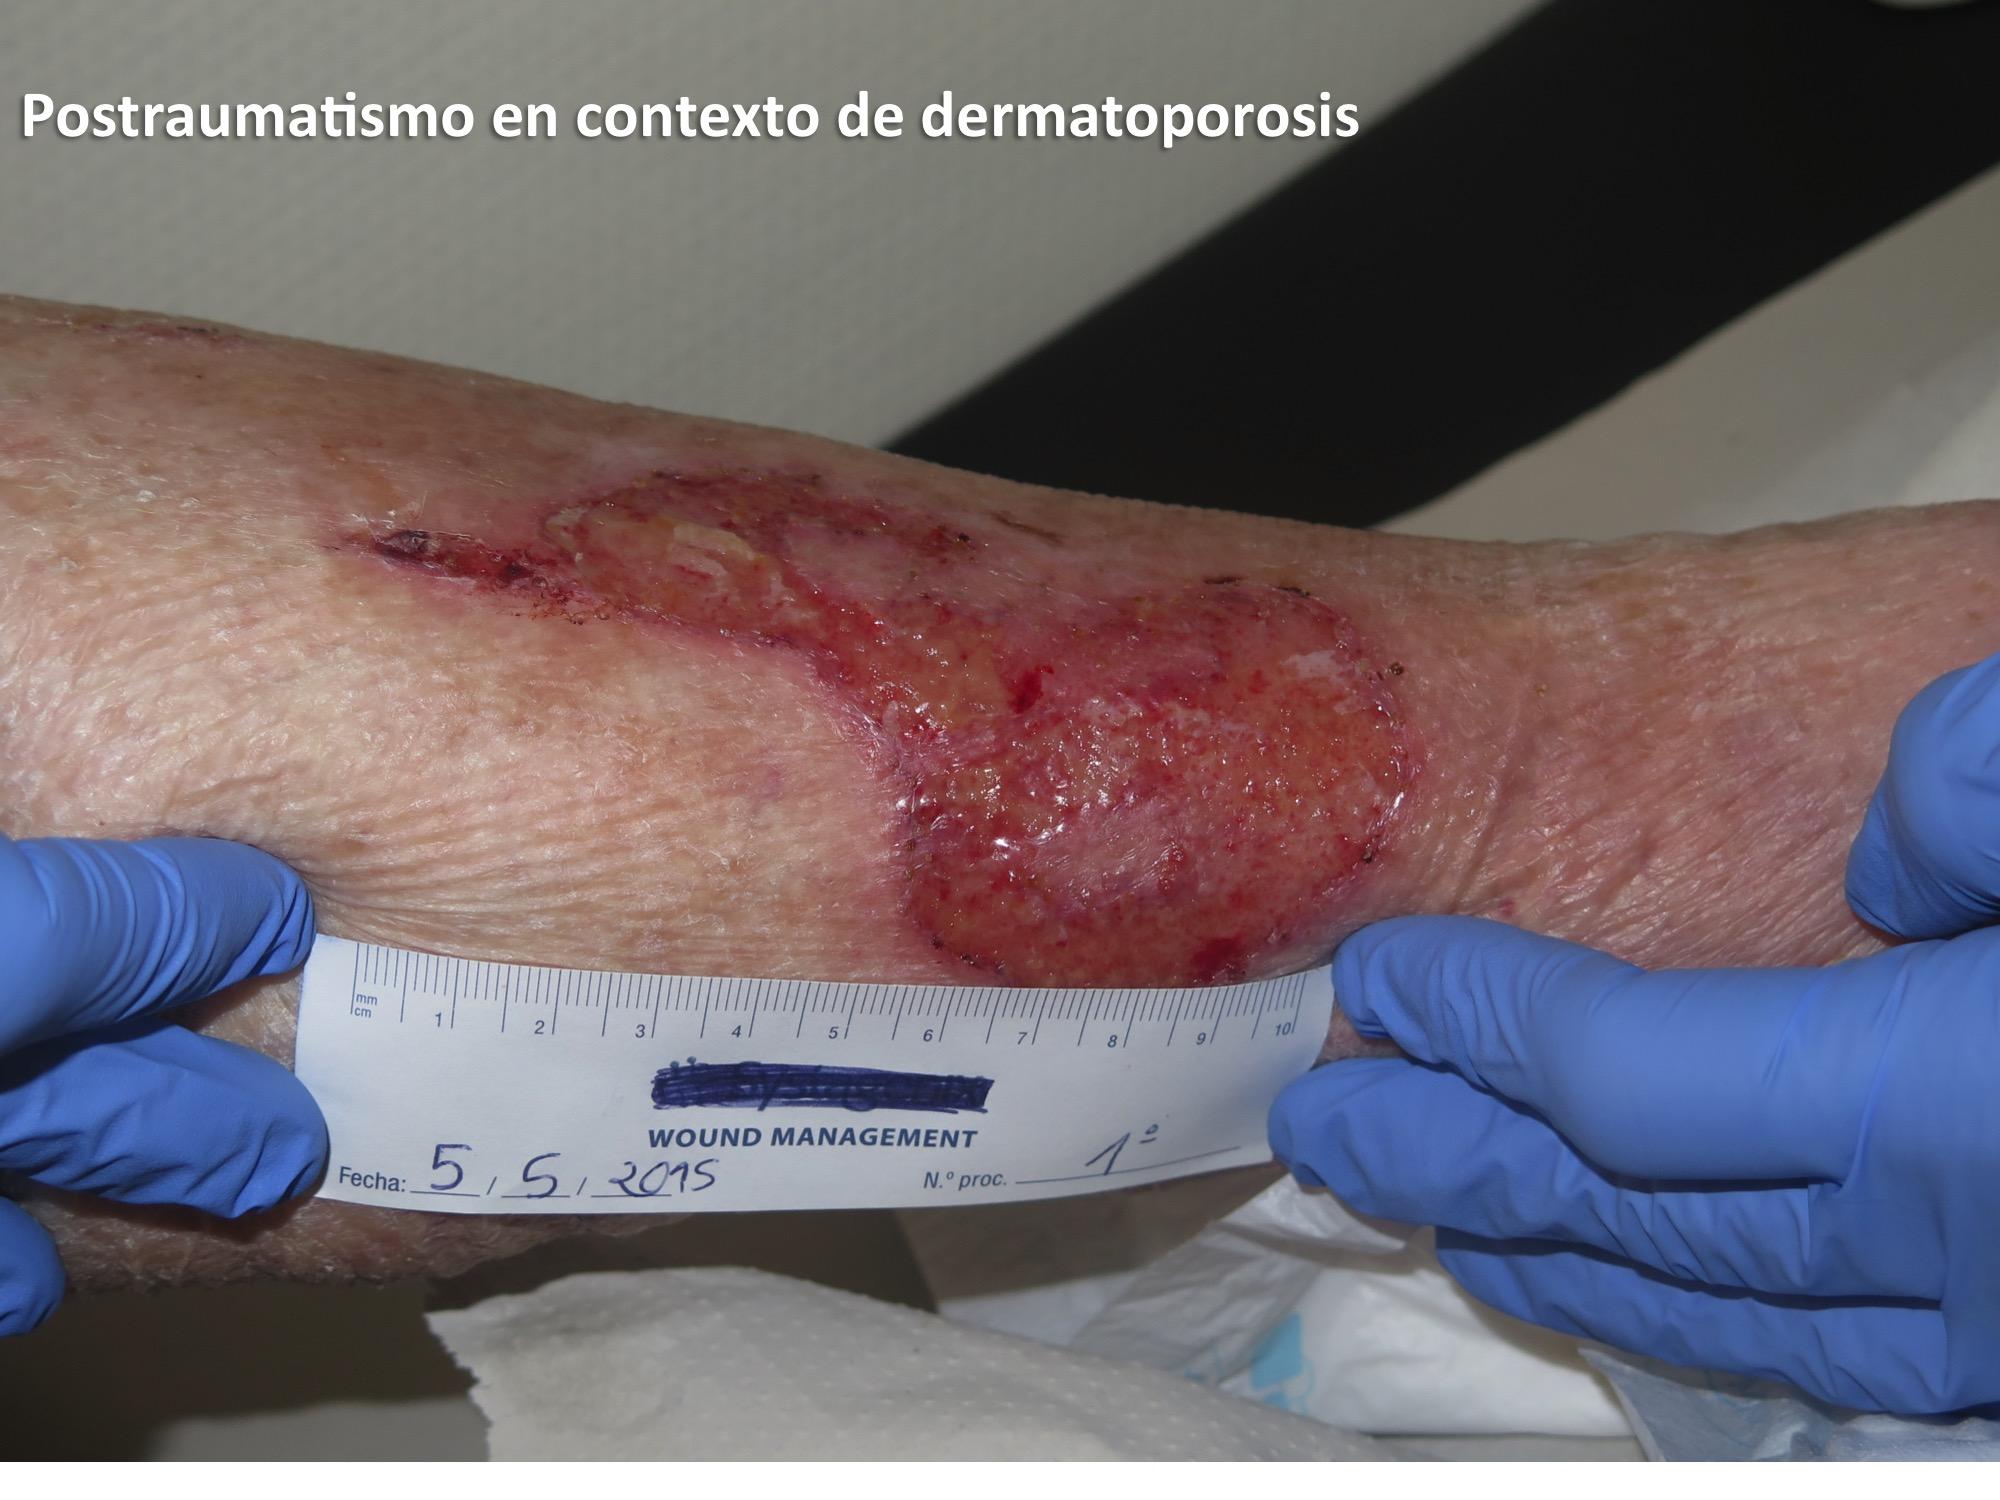 Postraumatismo en contexto de dermatoporosis